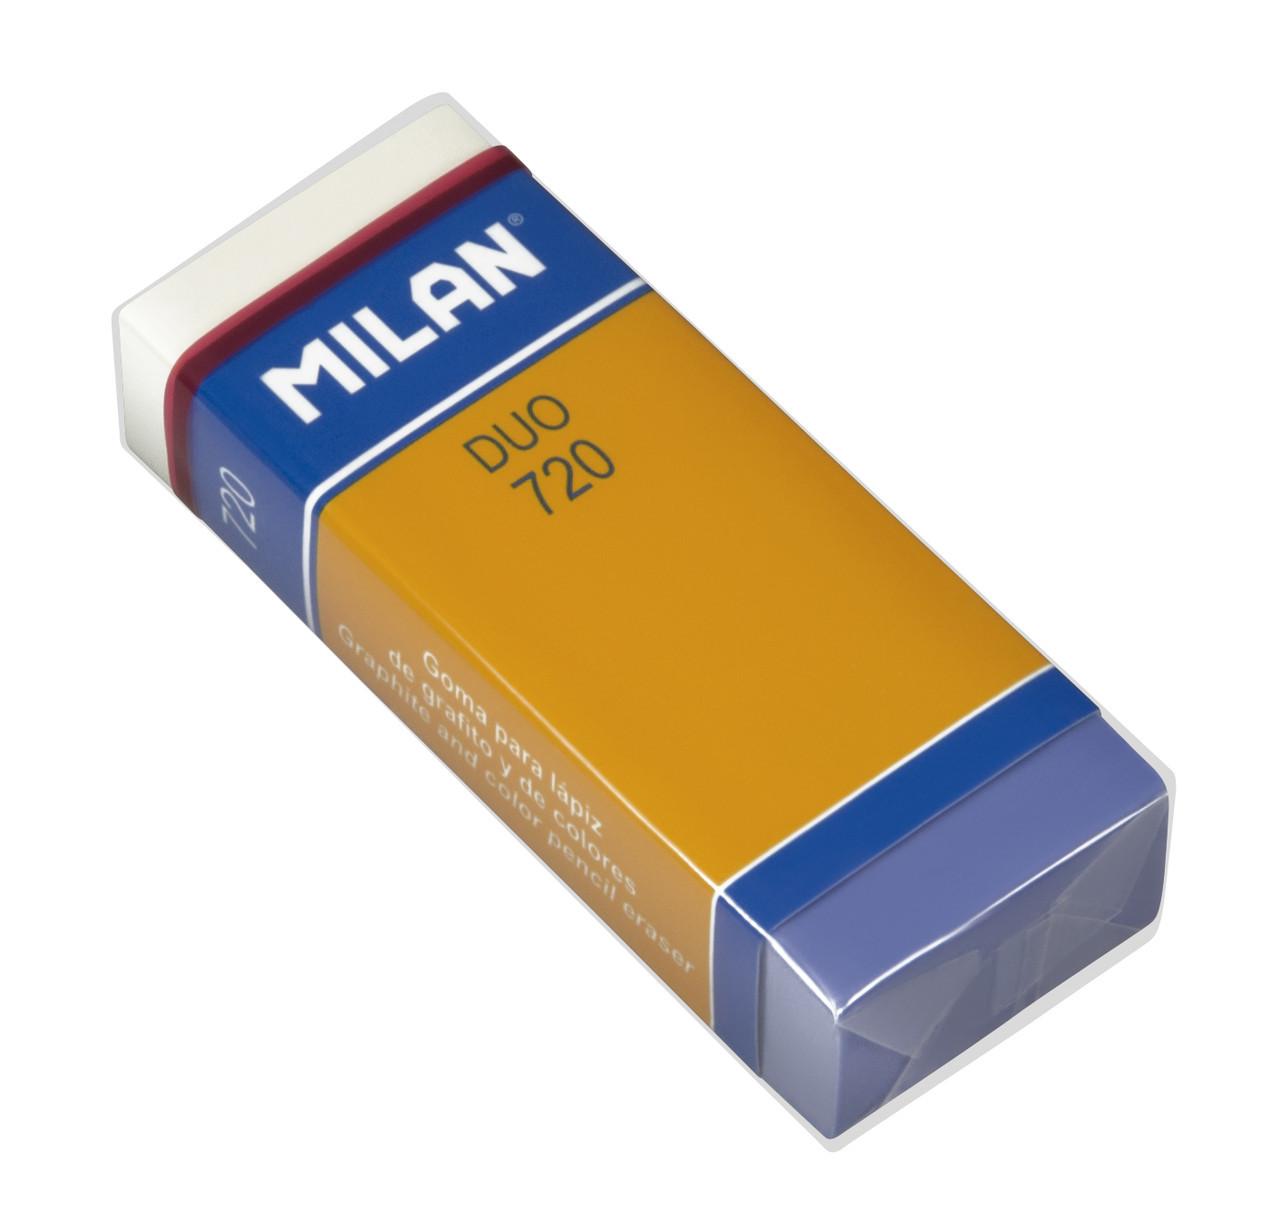 Ластик Milan 720 Nata Duo фиолетовый-розовый/прямоугольный (HB) 3*6 см.